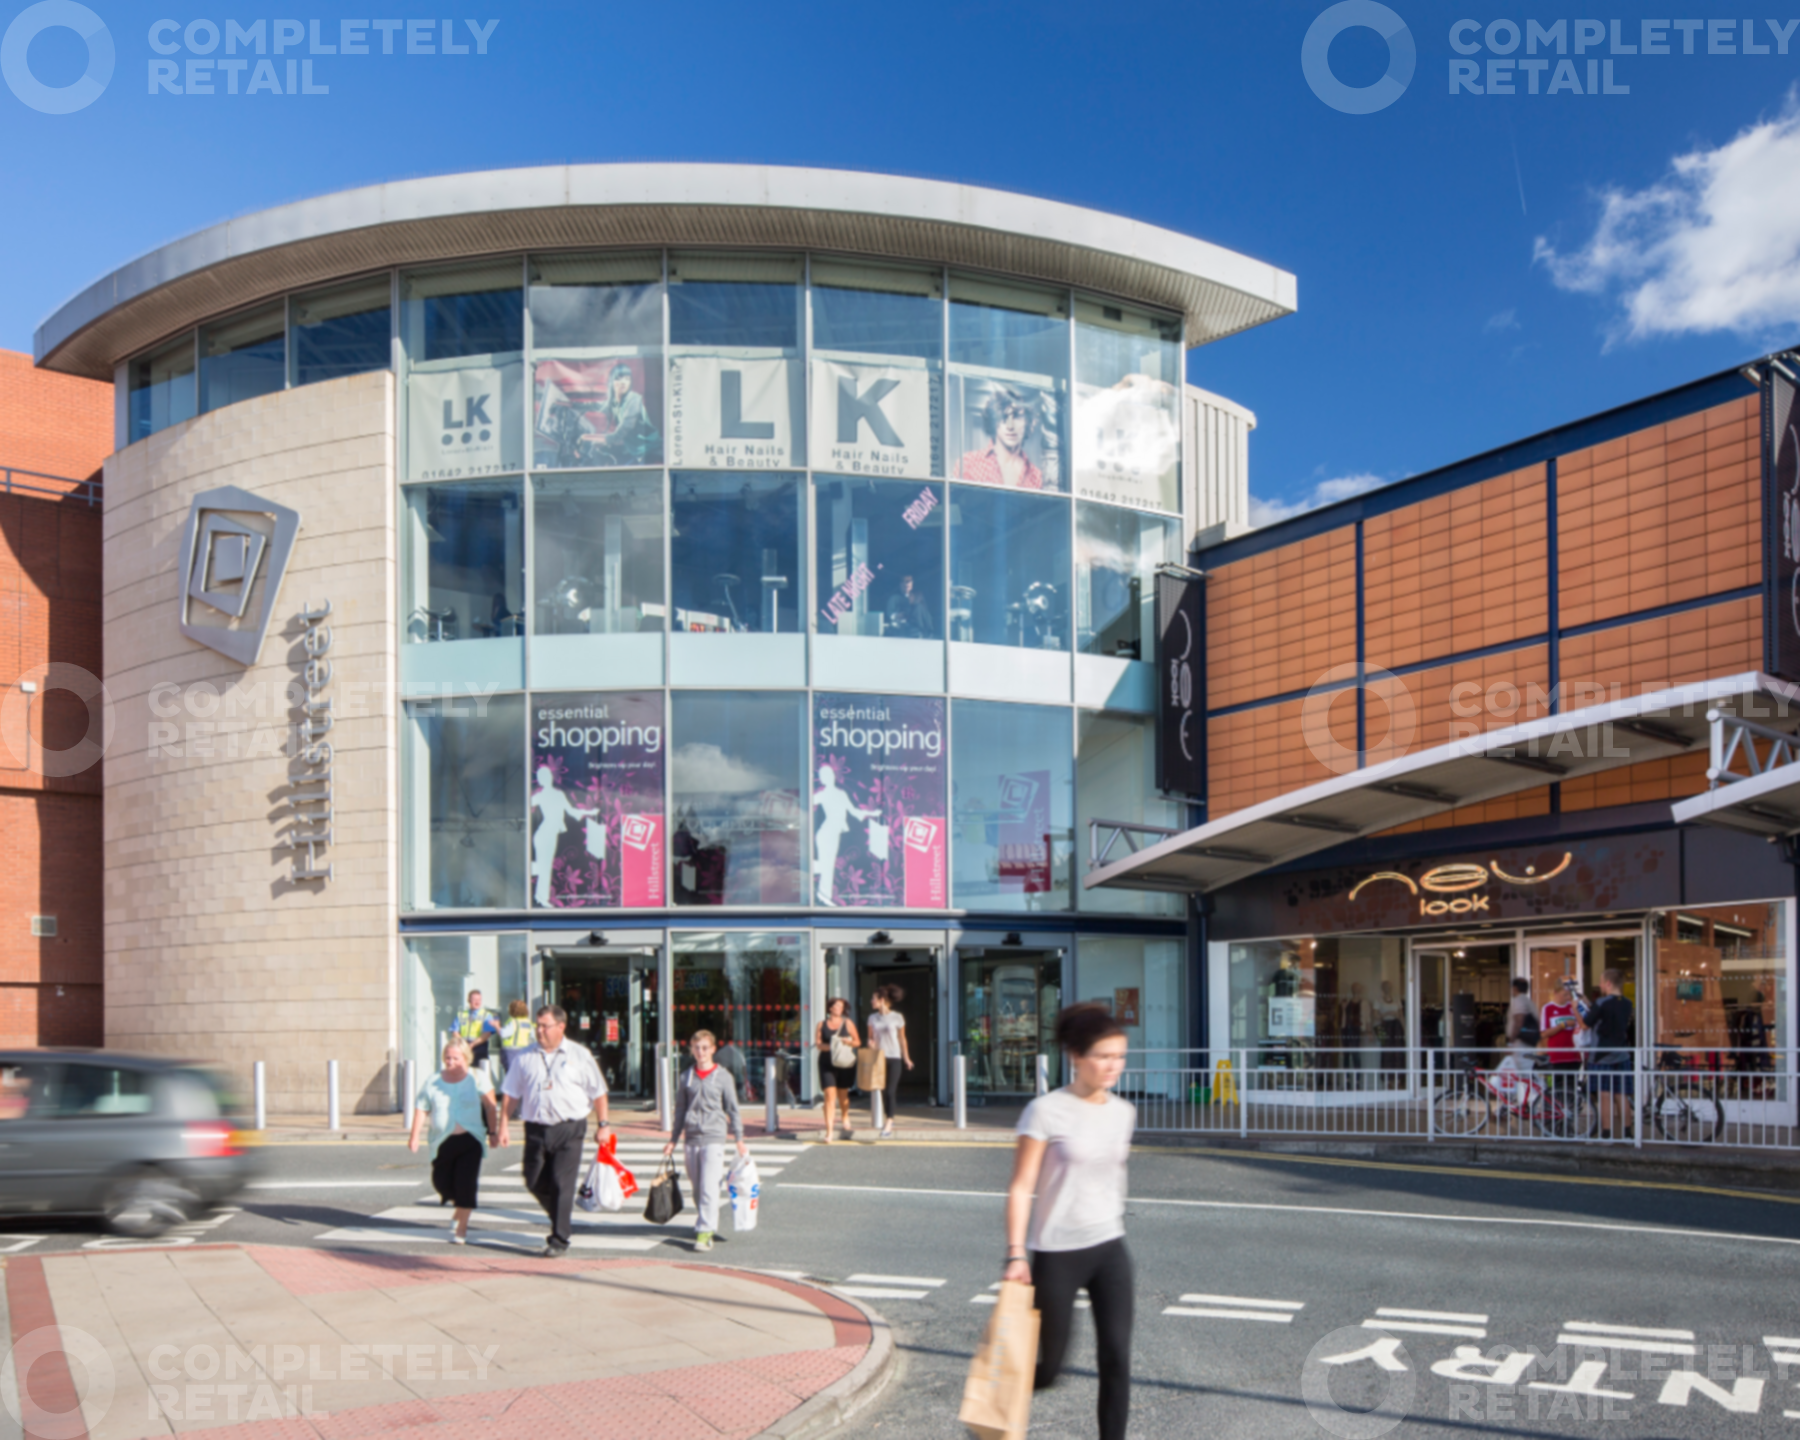 Hillstreet Shopping Centre